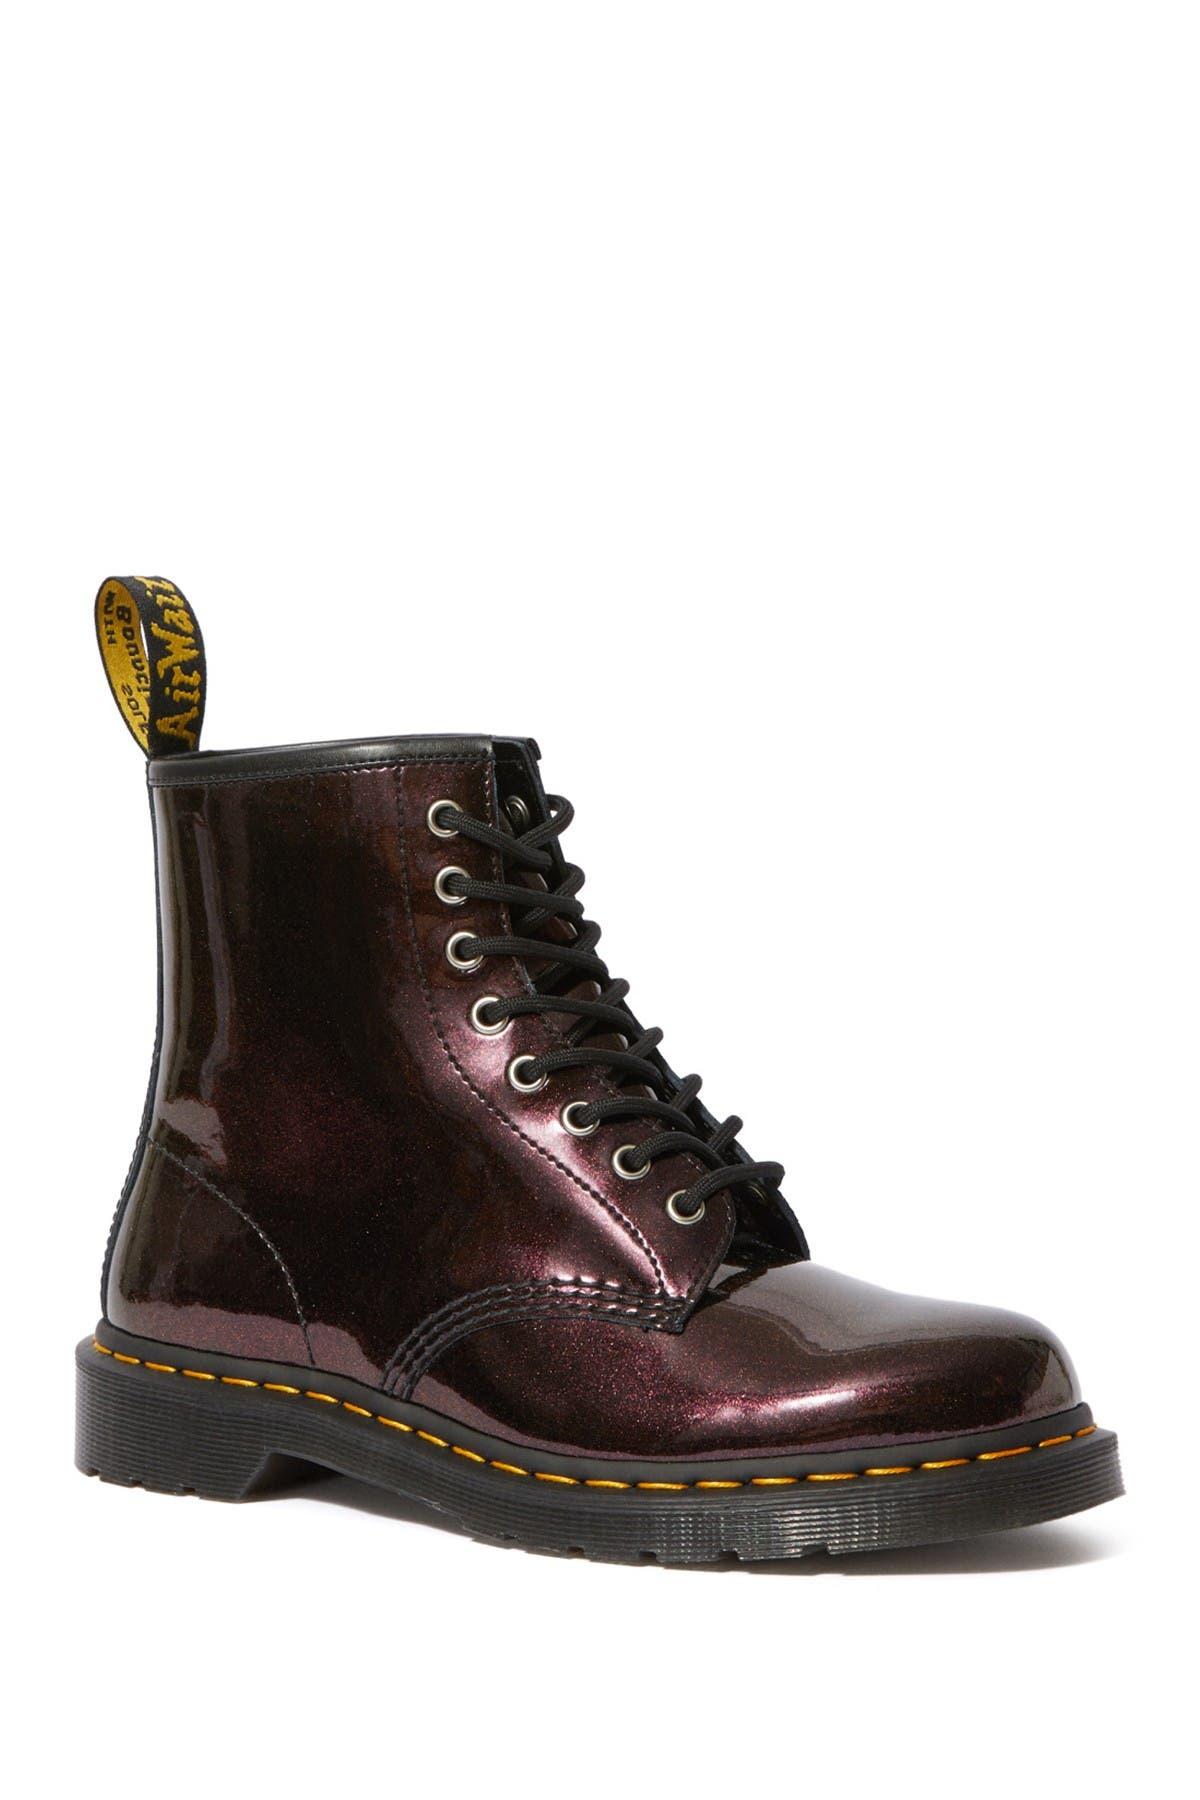 Dr. Martens   1460 Purple Sparkle Boot